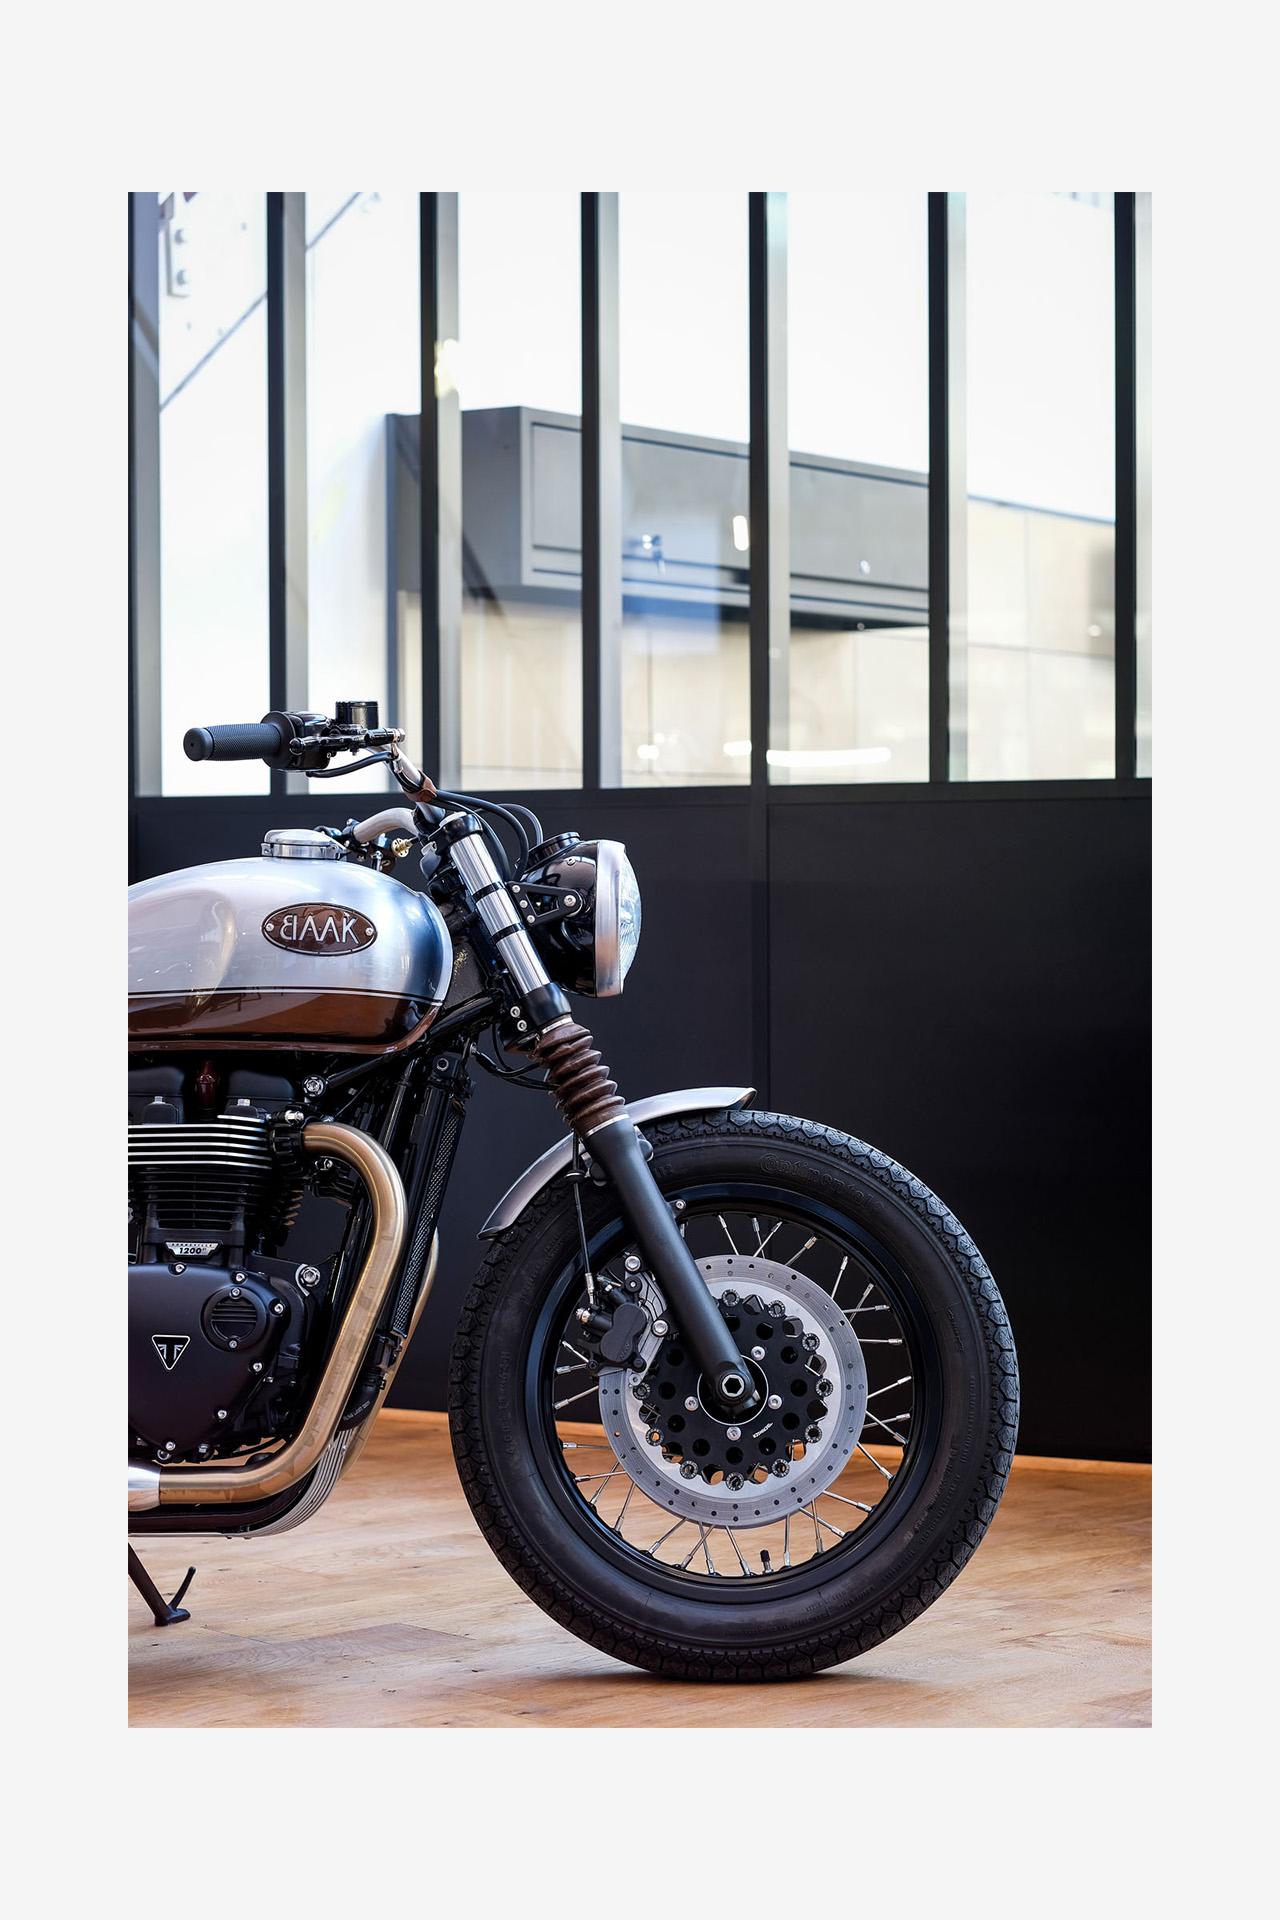 baak-motocyclettes-09B